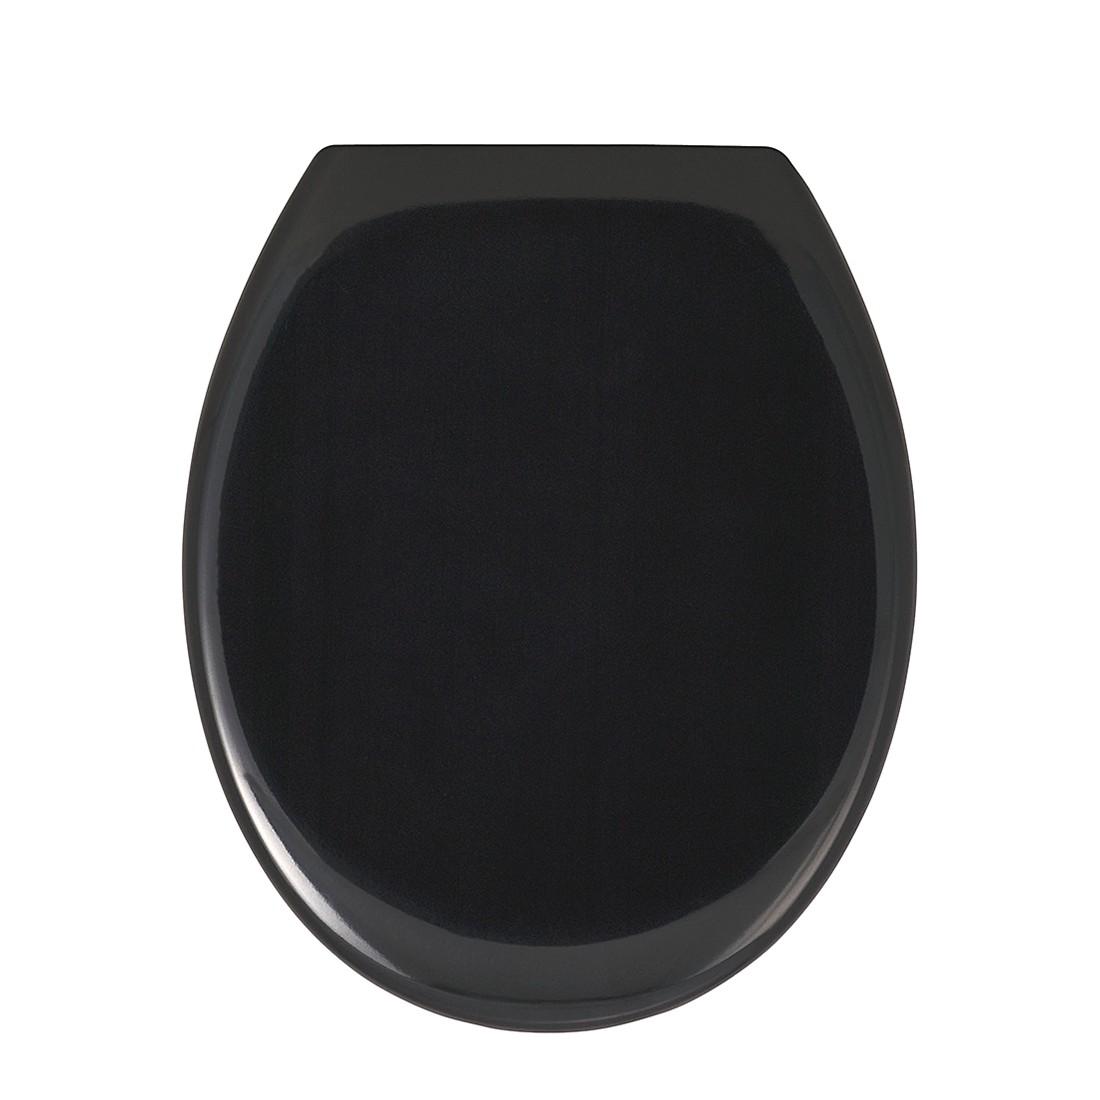 Premium WC-Sitz Ottana (Absenkautomatik) – Schwarz, WENKO jetzt bestellen